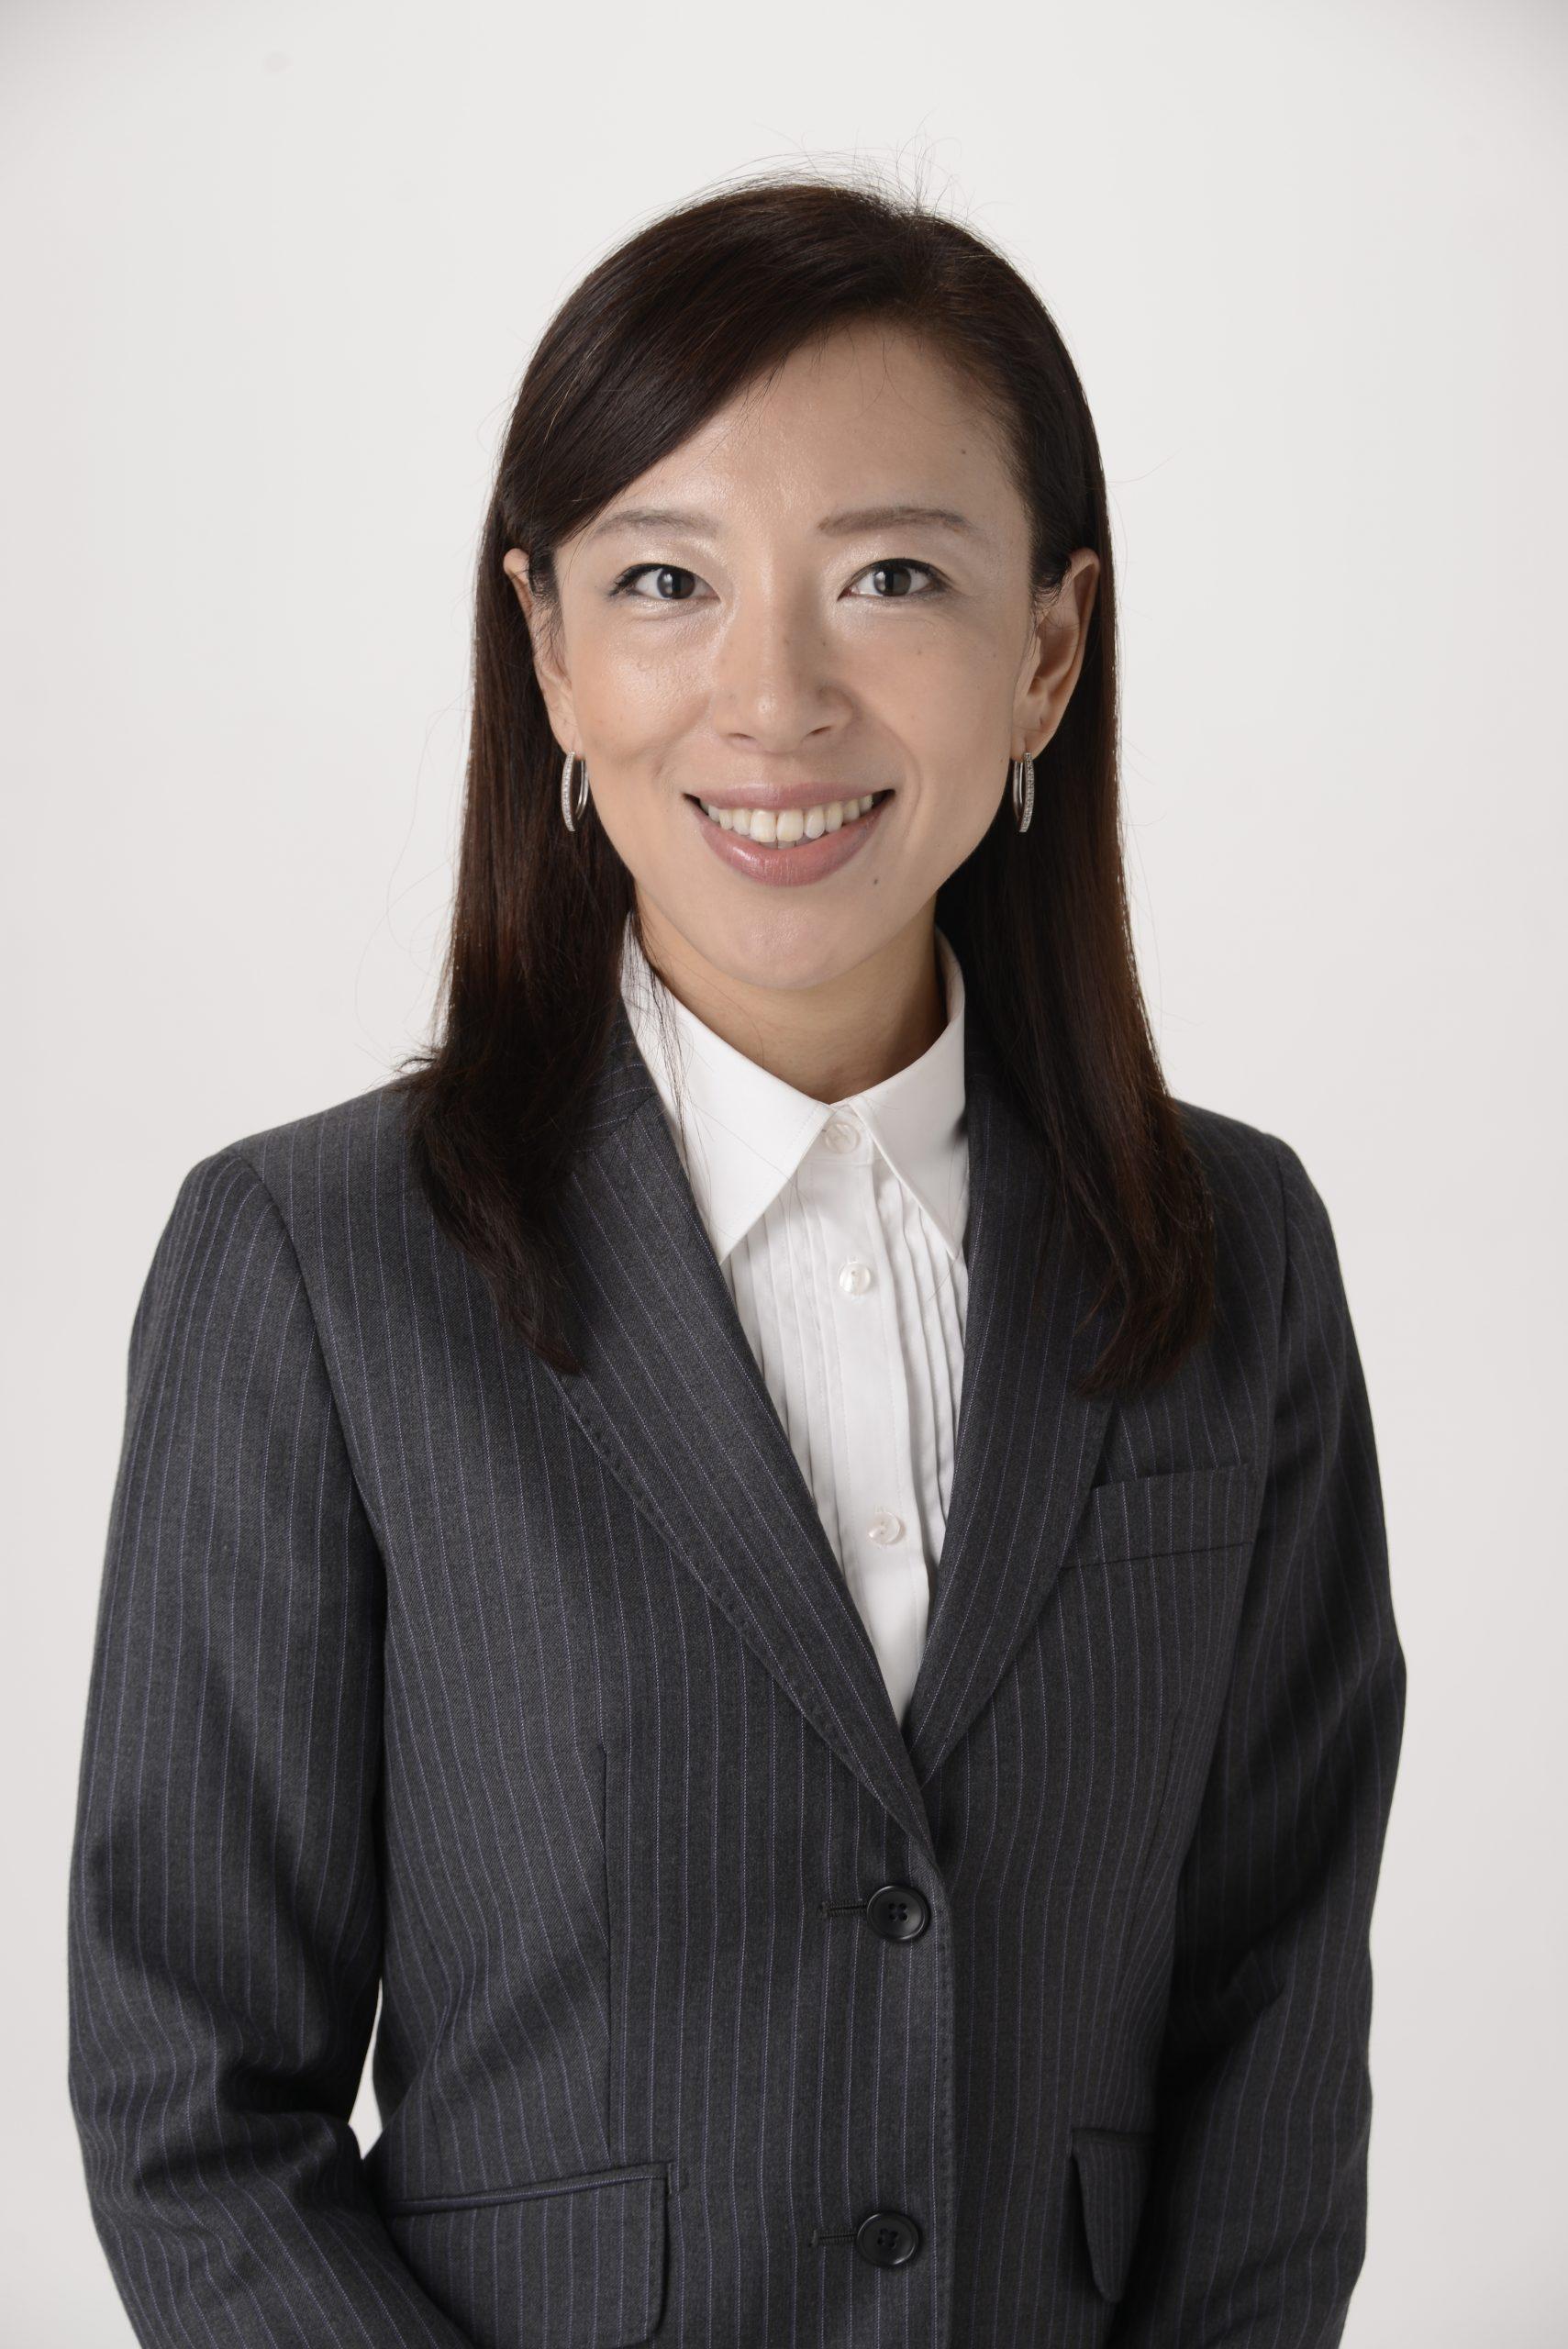 長谷川えつこ 立憲民主党 横浜市会議員 栄区選出